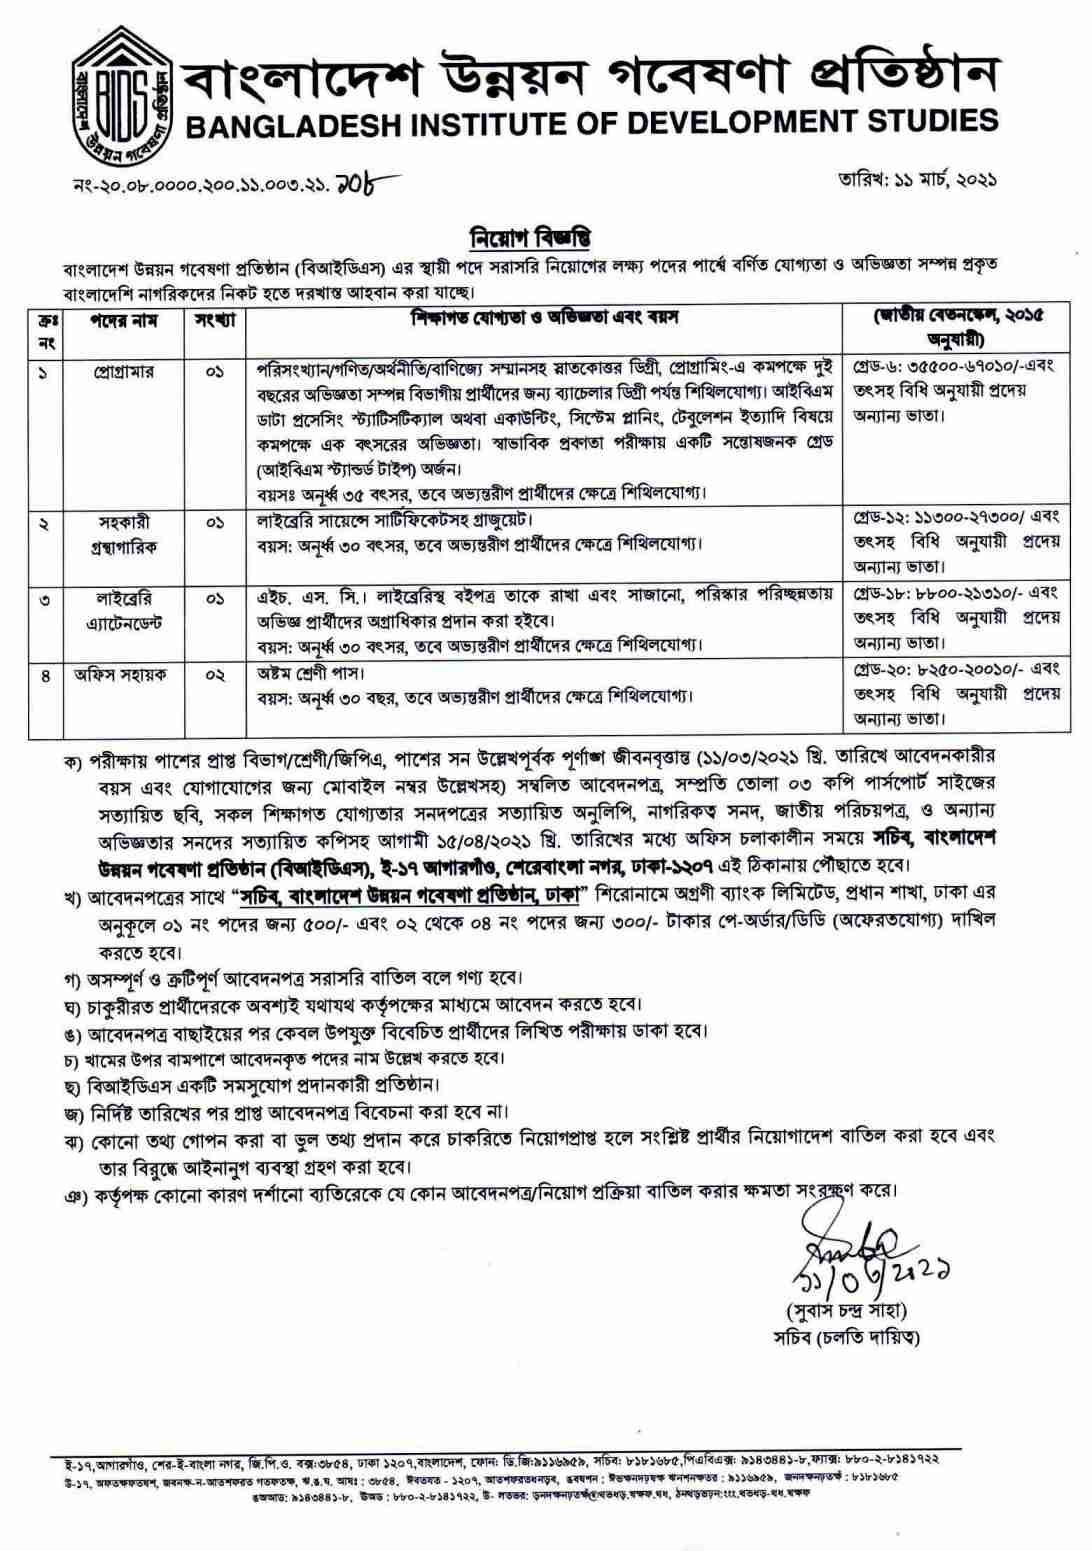 বাংলাদেশ উন্নয়ন গবেষণা প্রতিষ্ঠান নিয়োগ বিজ্ঞপ্তি ২০২১, বাংলাদেশ উন্নয়ন গবেষণা প্রতিষ্ঠান নিয়োগ বিজ্ঞপ্তি, বাংলাদেশ উন্নয়ন গবেষণা প্রতিষ্ঠান নিয়োগ বিজ্ঞপ্তি 2021, বাংলাদেশ উন্নয়ন গবেষণা প্রতিষ্ঠান চাকরির খবর ২০২১, বাংলাদেশ উন্নয়ন গবেষণা প্রতিষ্ঠান জব সার্কুলার 2021,  Bangladesh Institute of Development Studies (BIDS) Job Circular 2021, Bangladesh Institute of Development Studies (BIDS) Job Circular, BIDS Job Circular 2021, BIDS Job Circular, Bangladesh Institute of Development Studies Job Circular 2021, Bangladesh Institute of Development Studies Job Circular